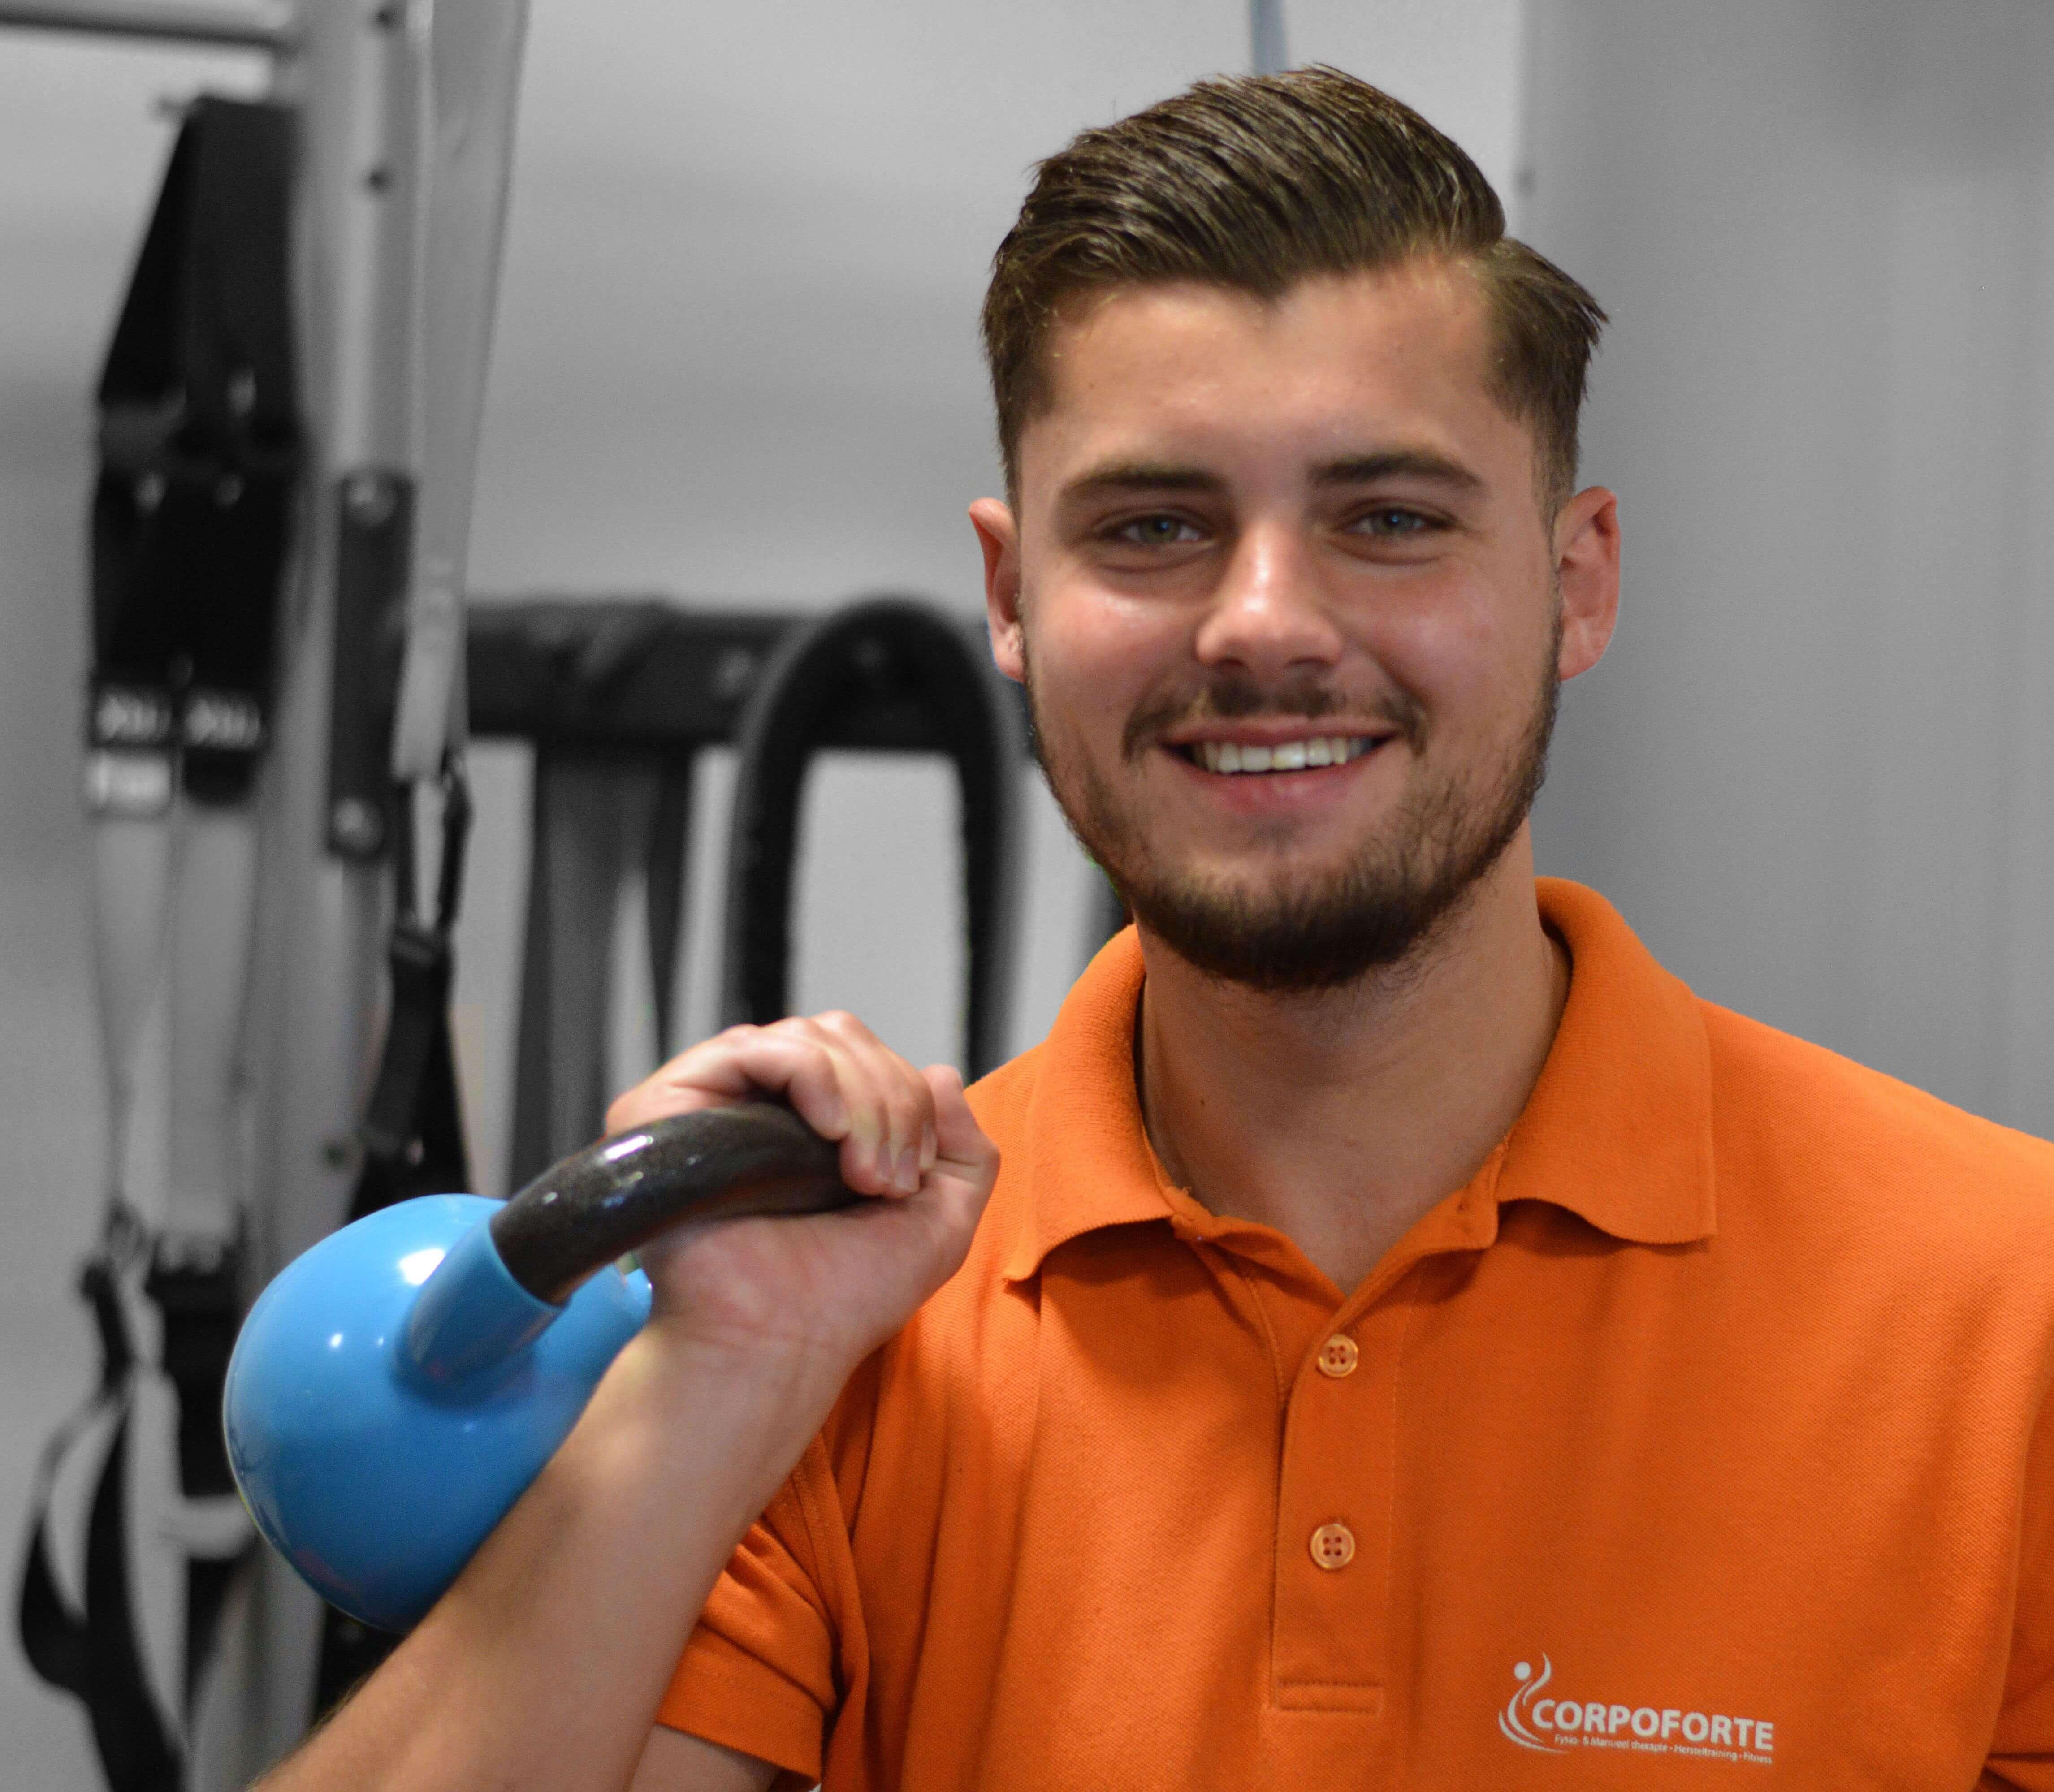 Dion van Welie Fitnessinstructeur Active4health Corpoforte Fitnesstrainer Nesselande